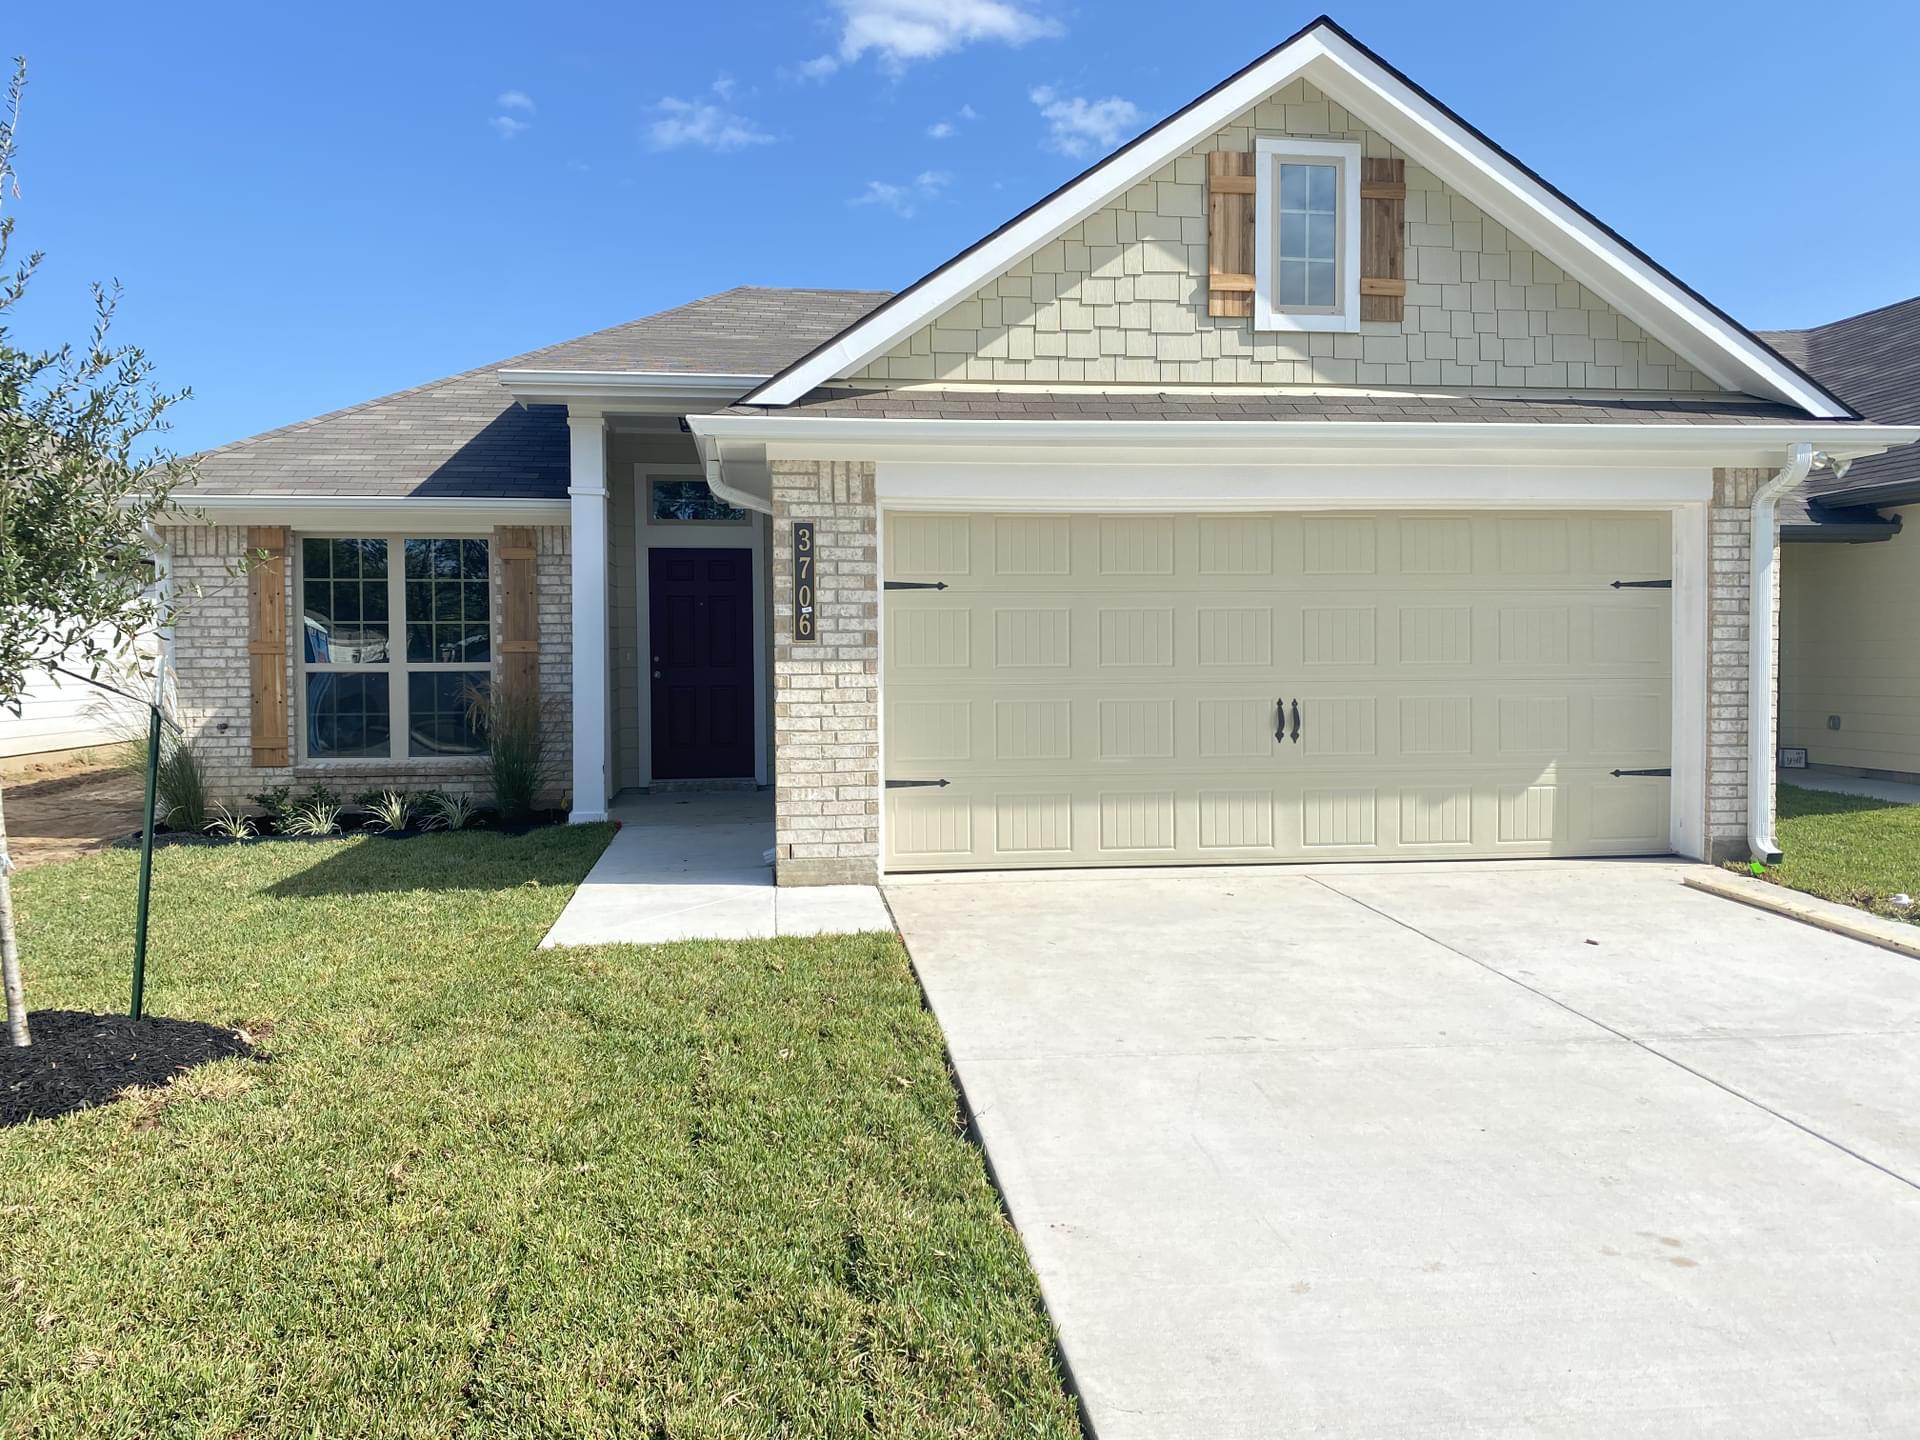 3706 McKenzie Street in Bryan, TX